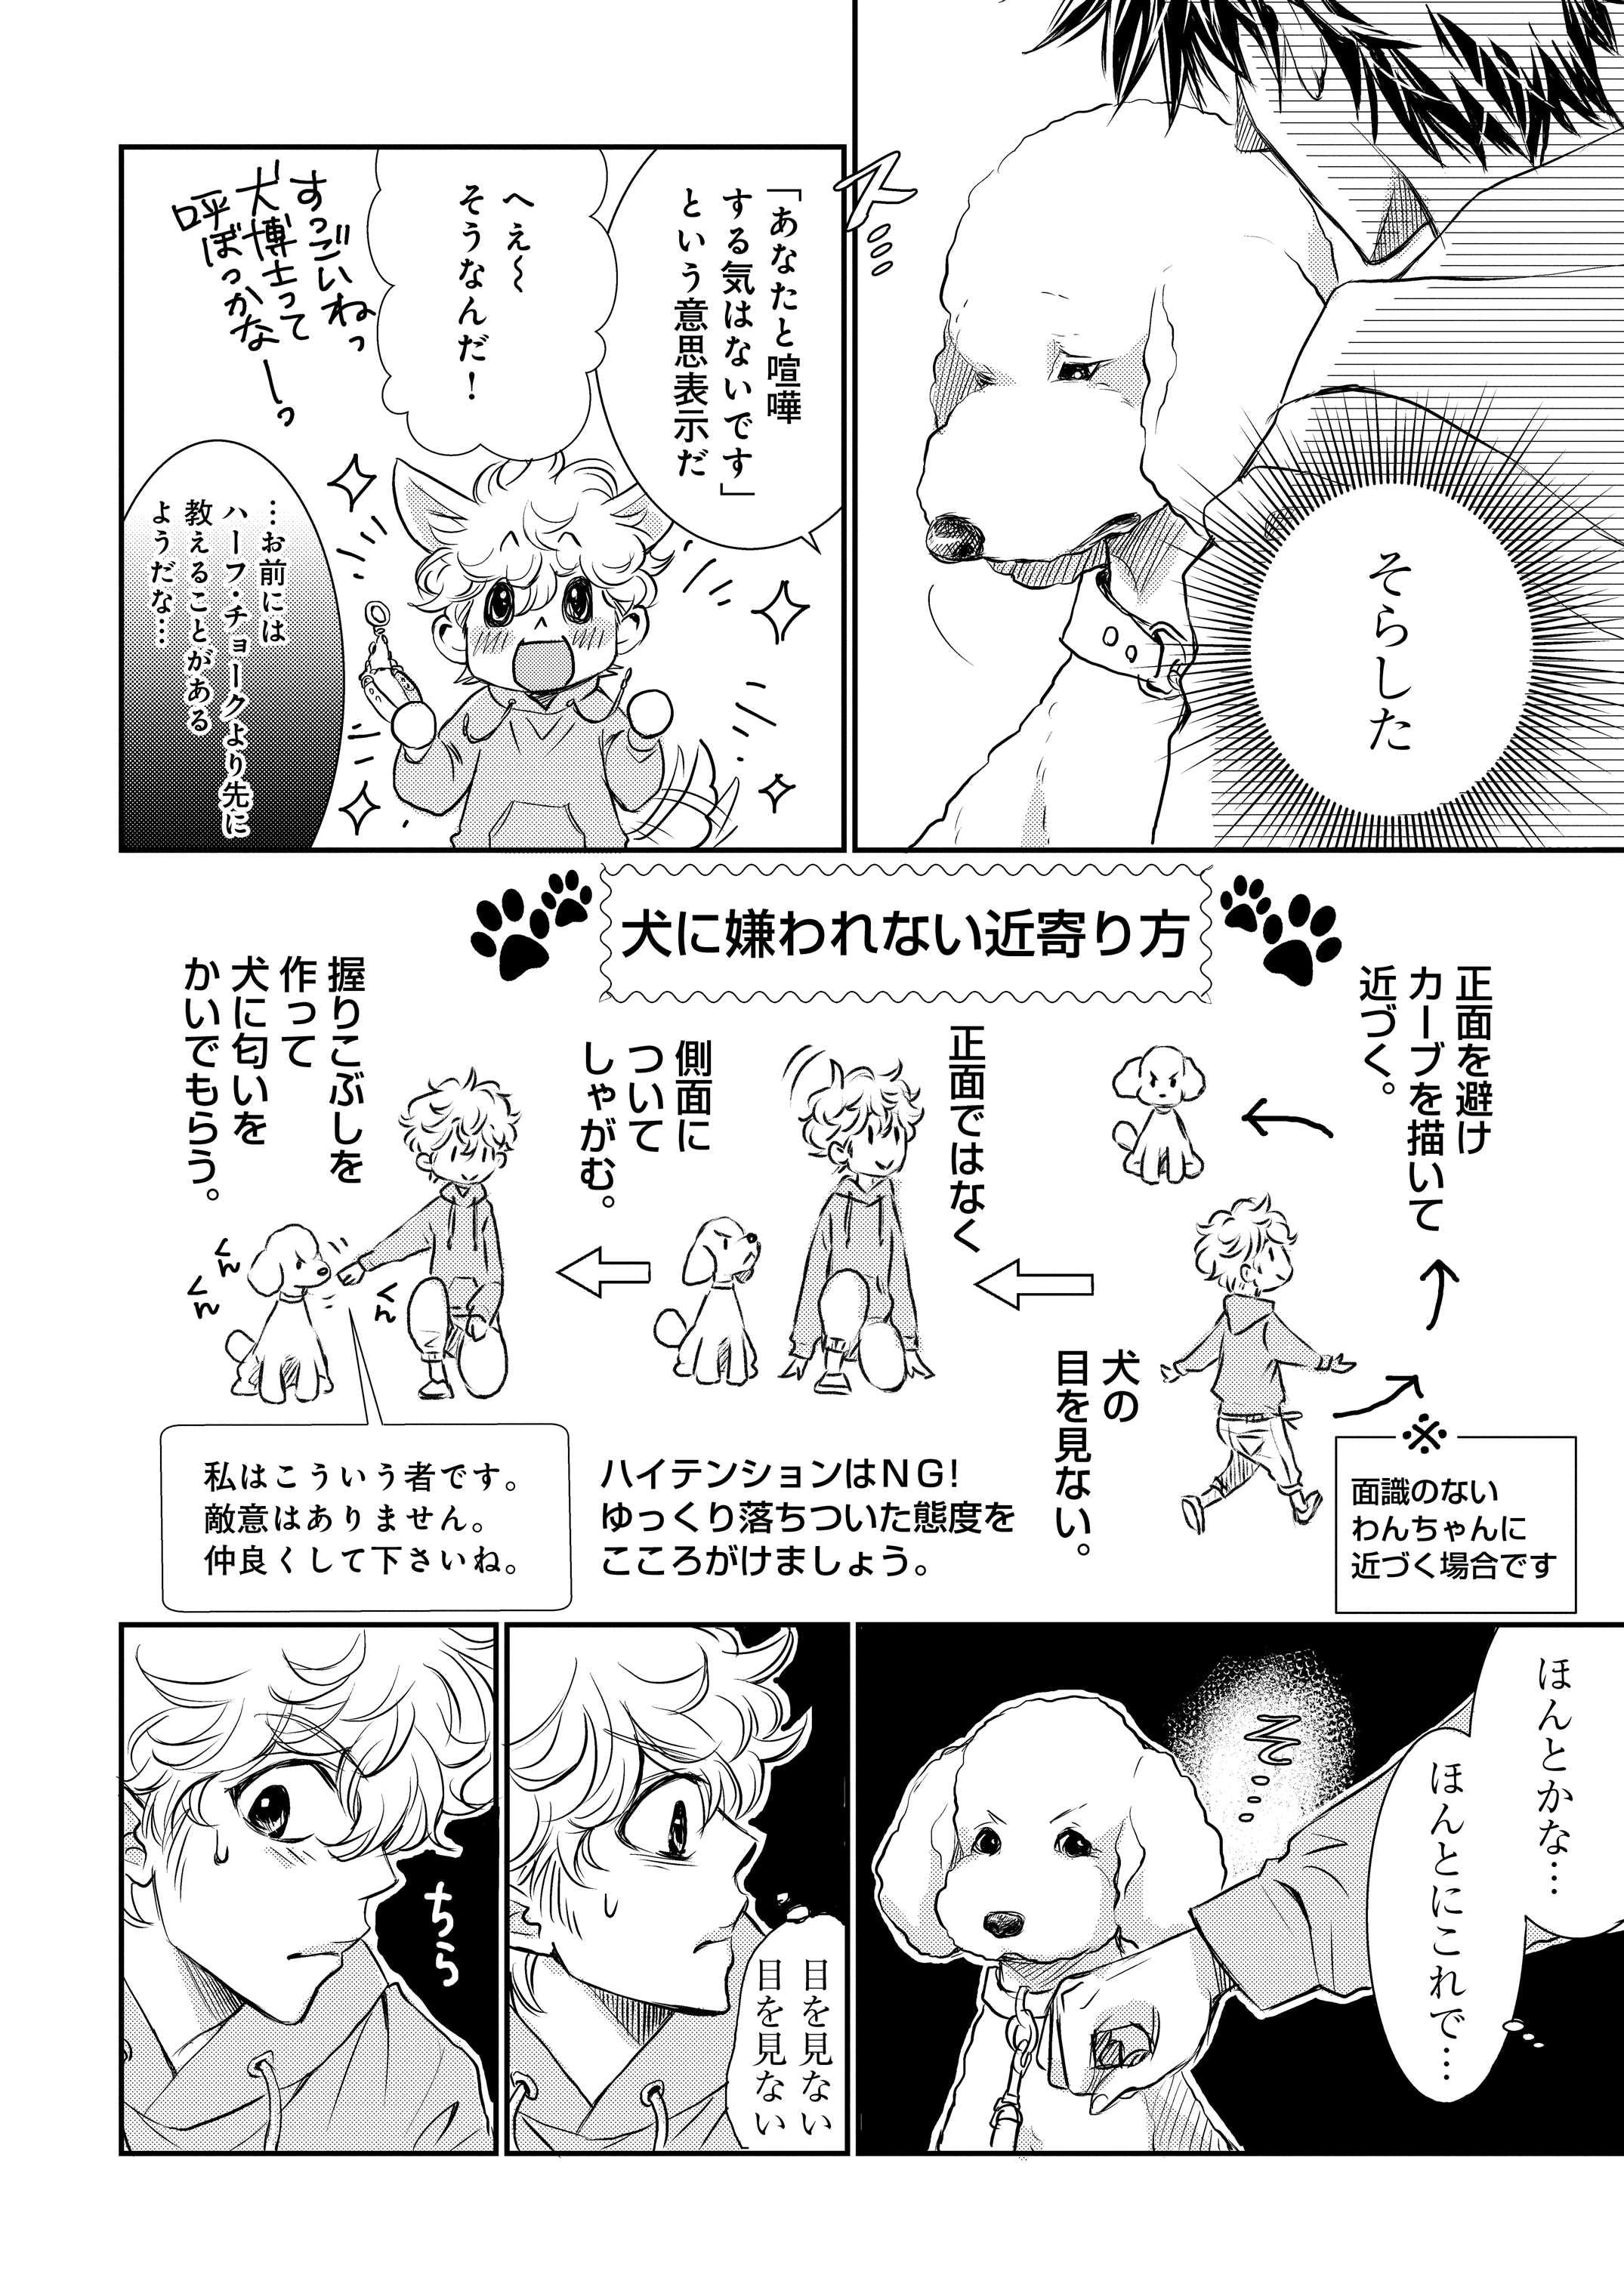 【新連載】『DOG SIGNAL』1話目③ 7ページ目